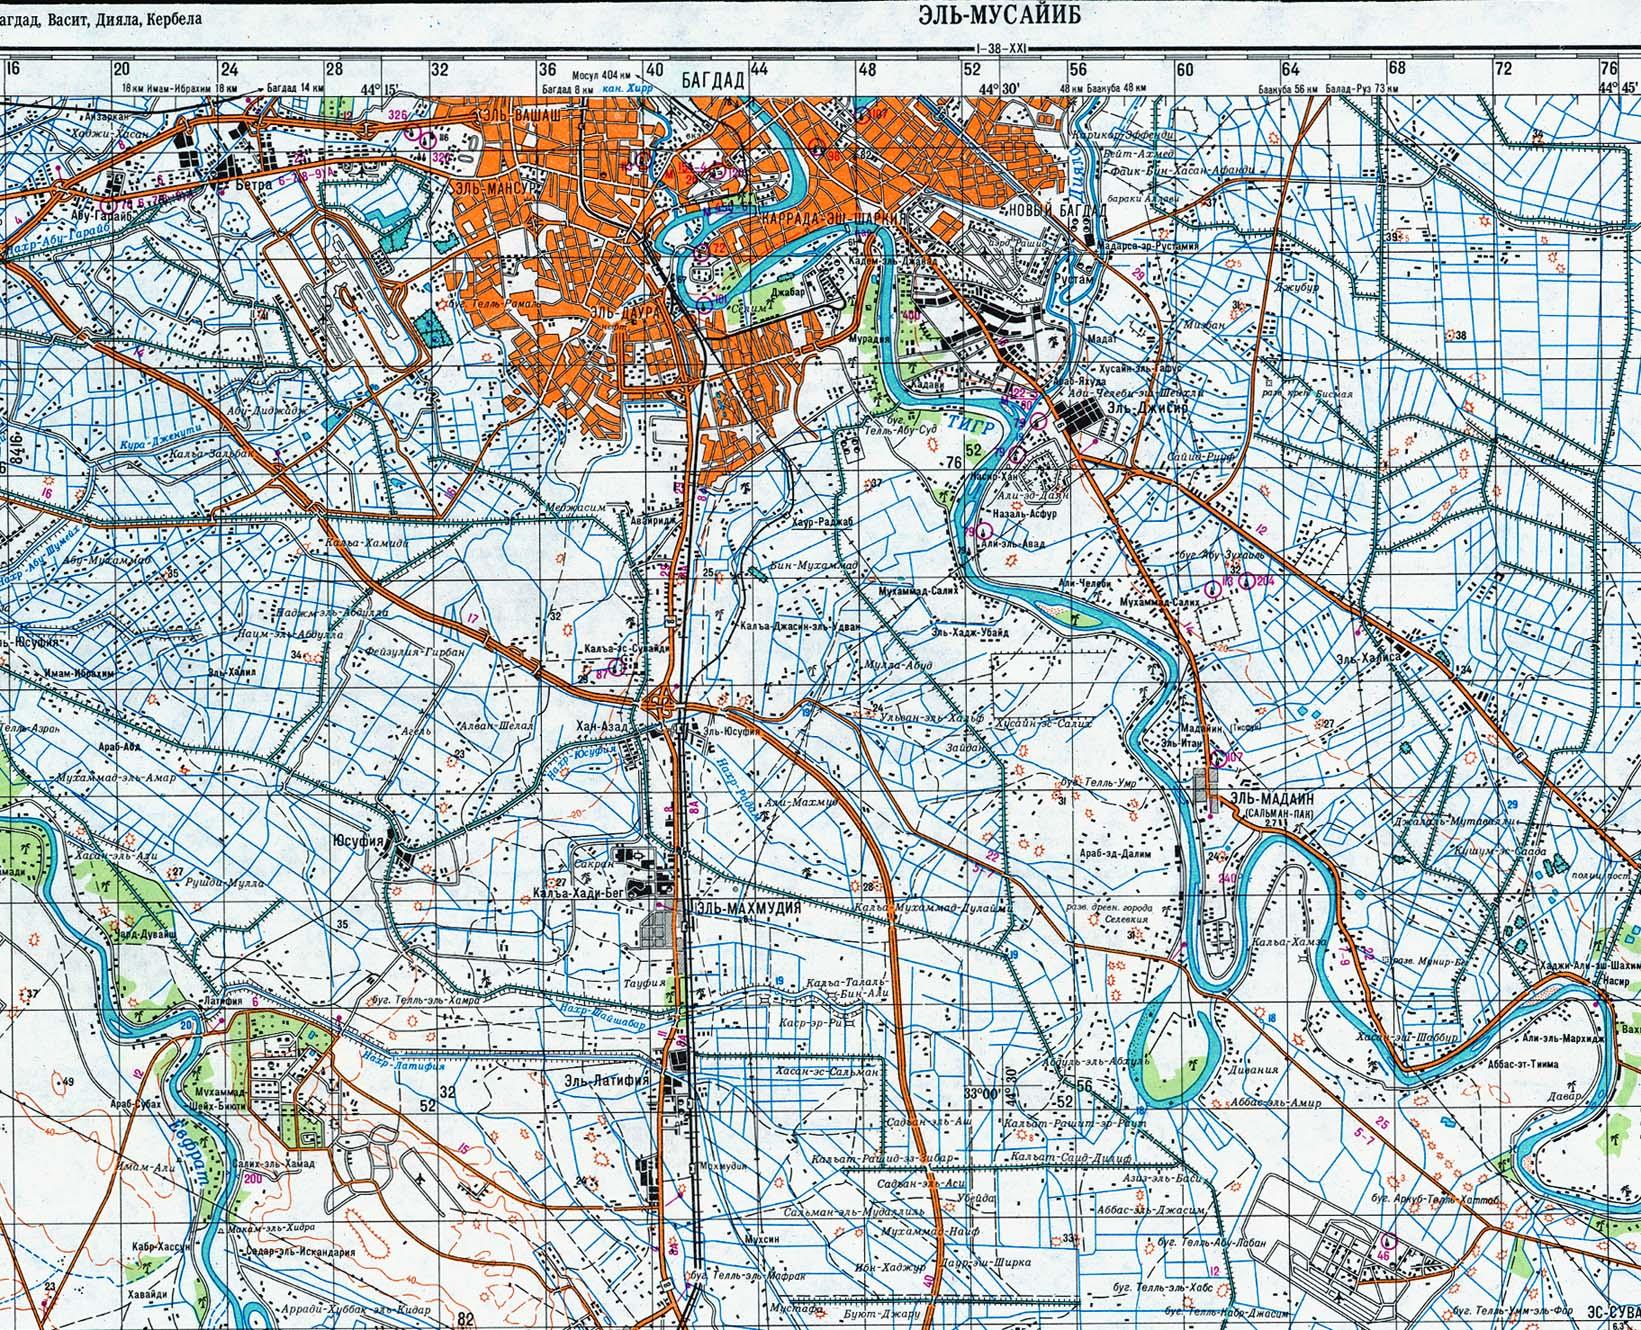 Mapa topográfico del sur de Bagdad 1991